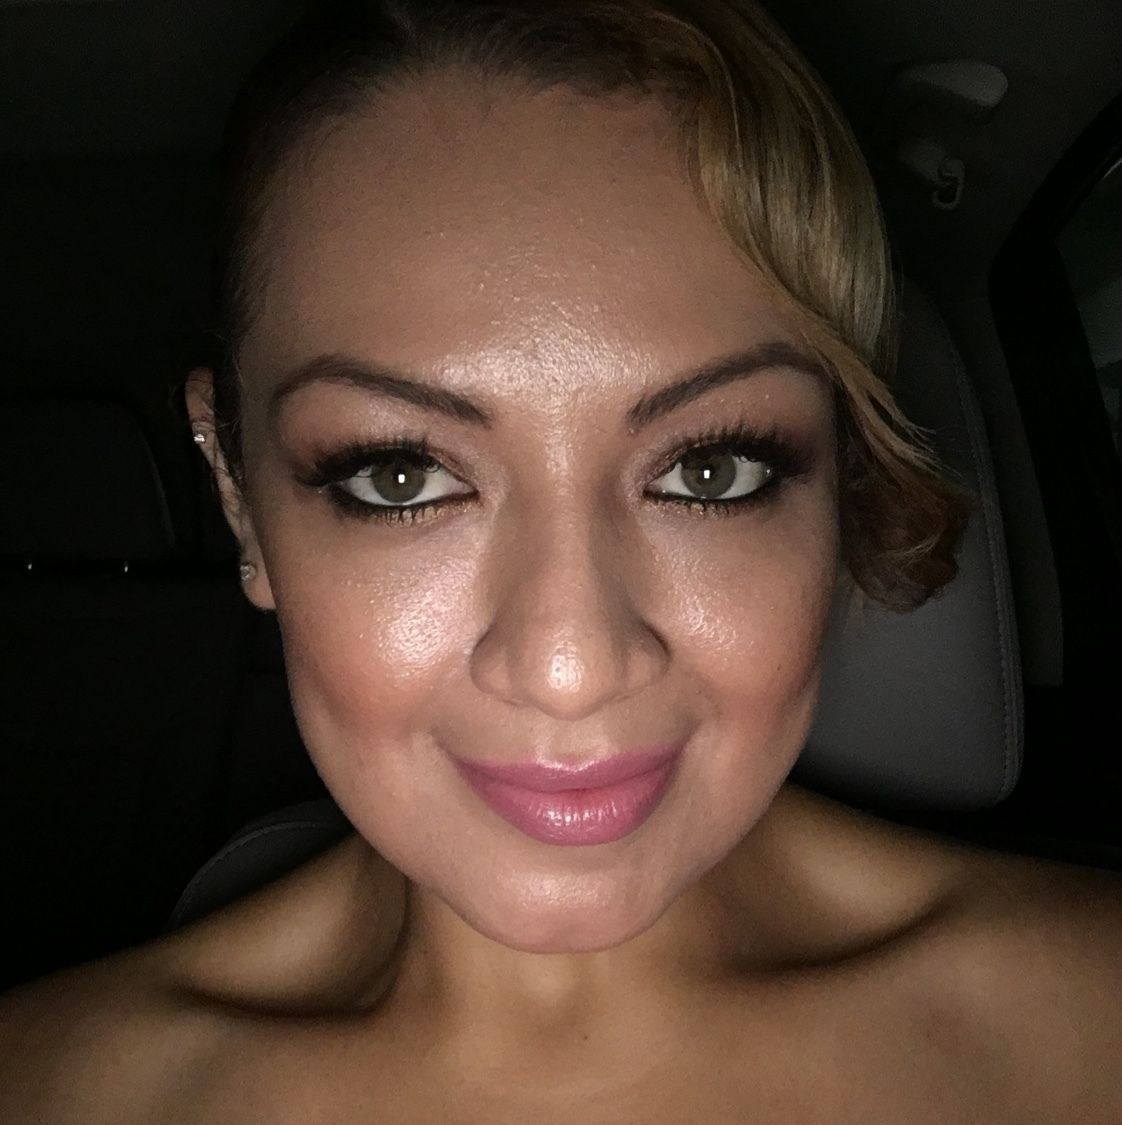 Hispanic single women in temecula